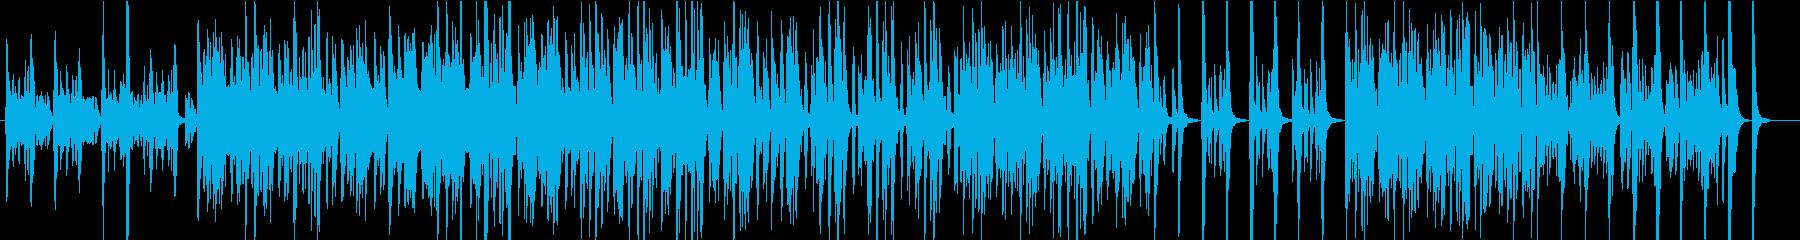 軽快なビートのオーケストラ楽器をフ...の再生済みの波形